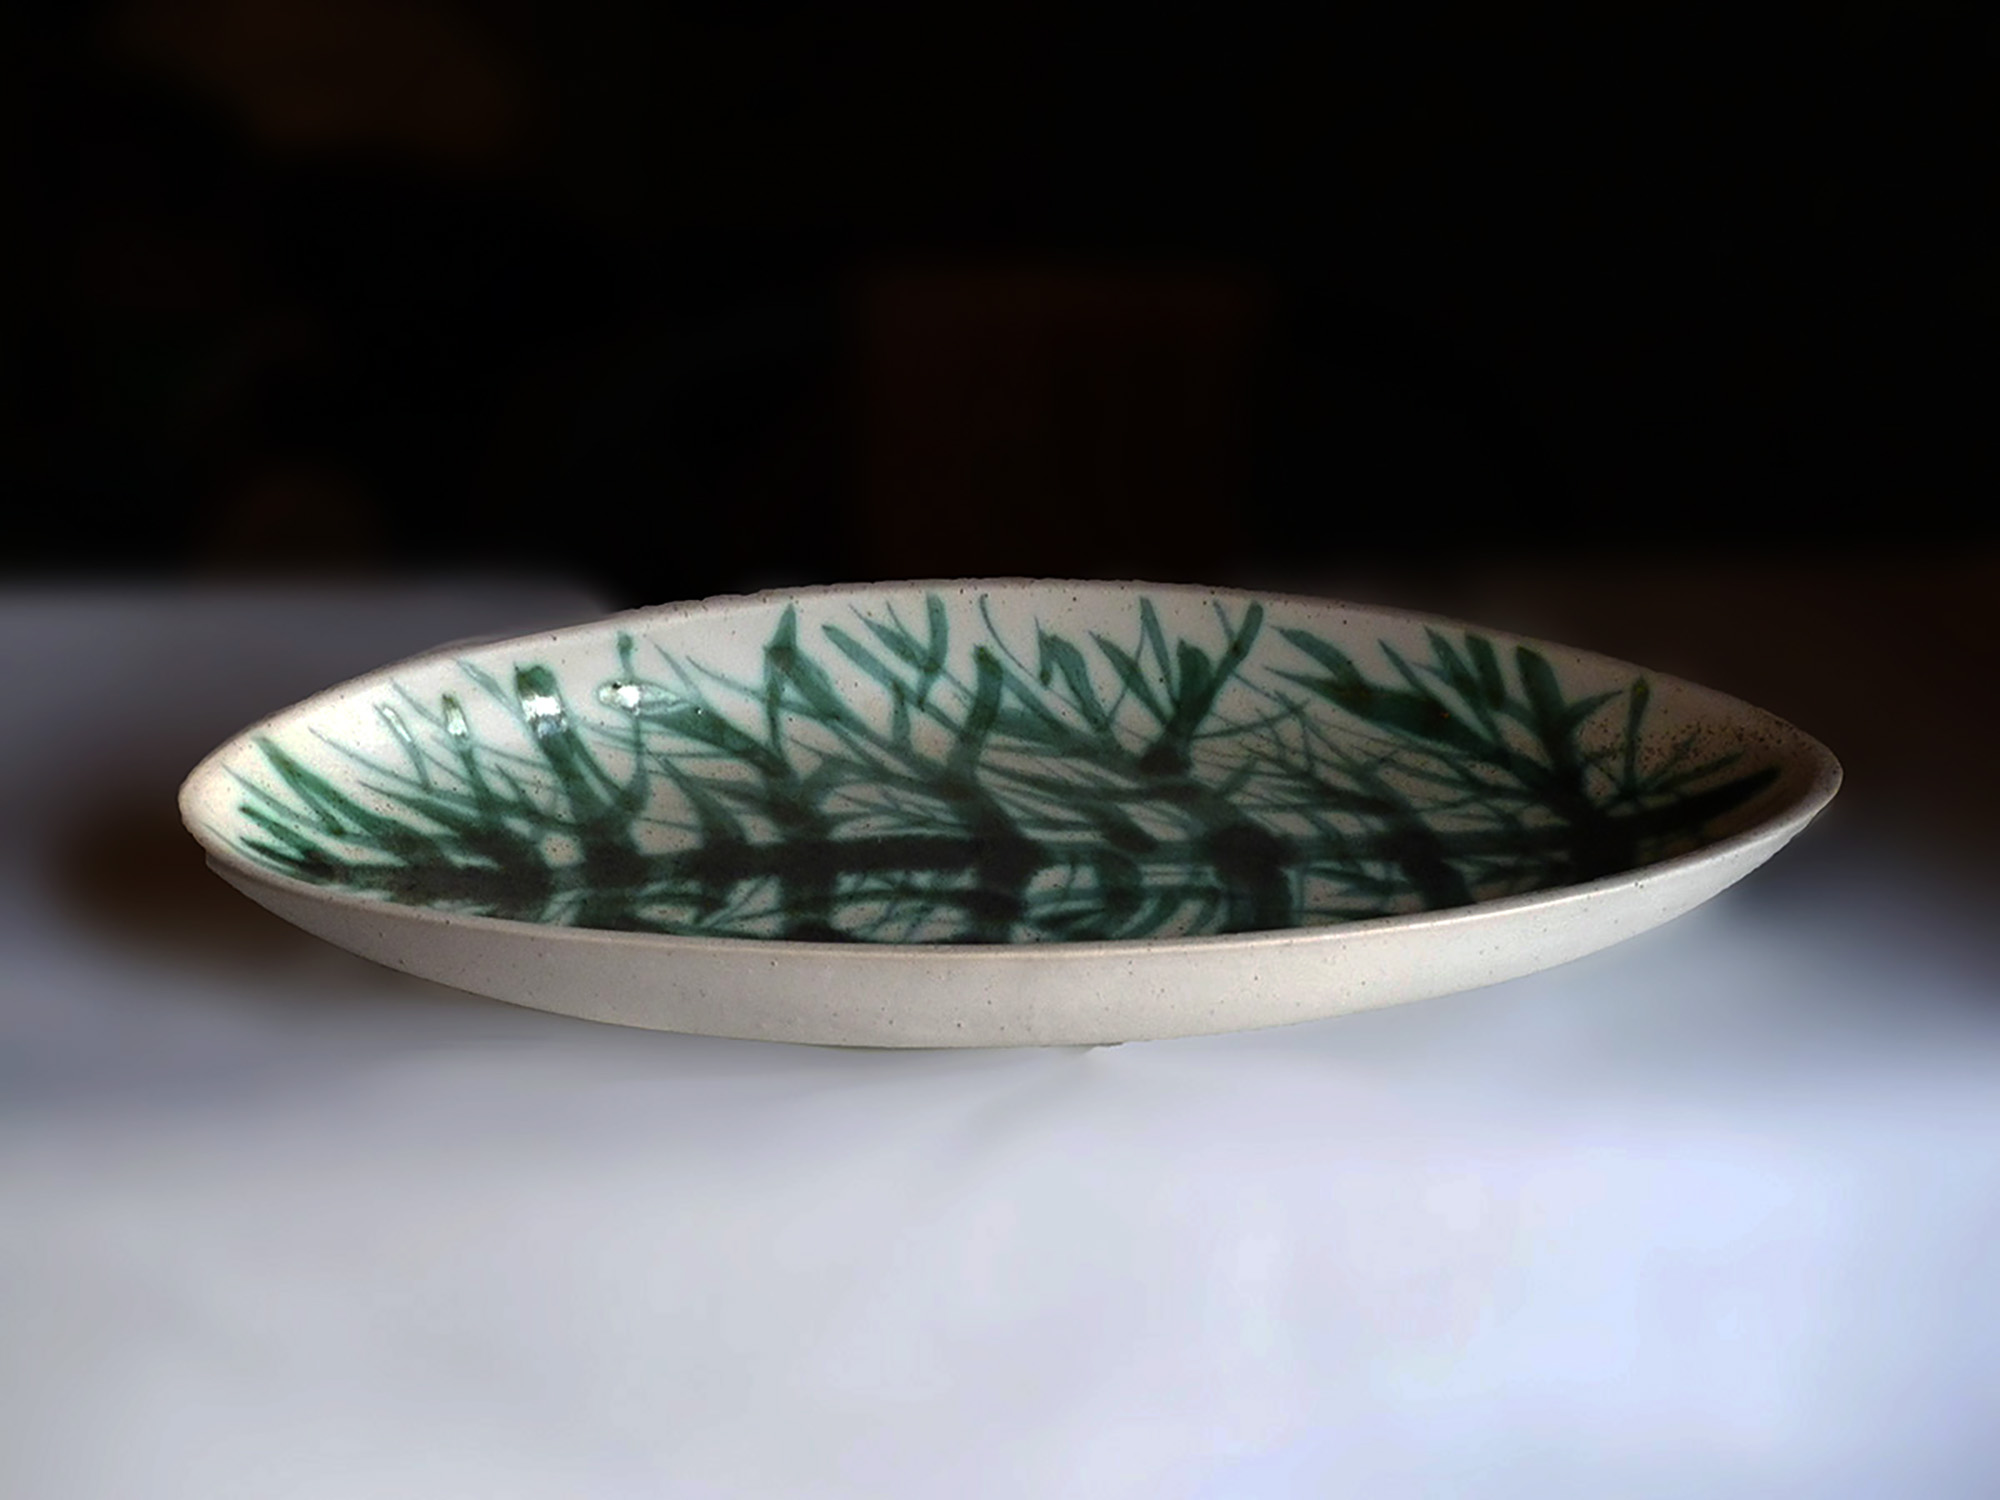 Vintage Primitive Tree Platter by Brenda Andersen